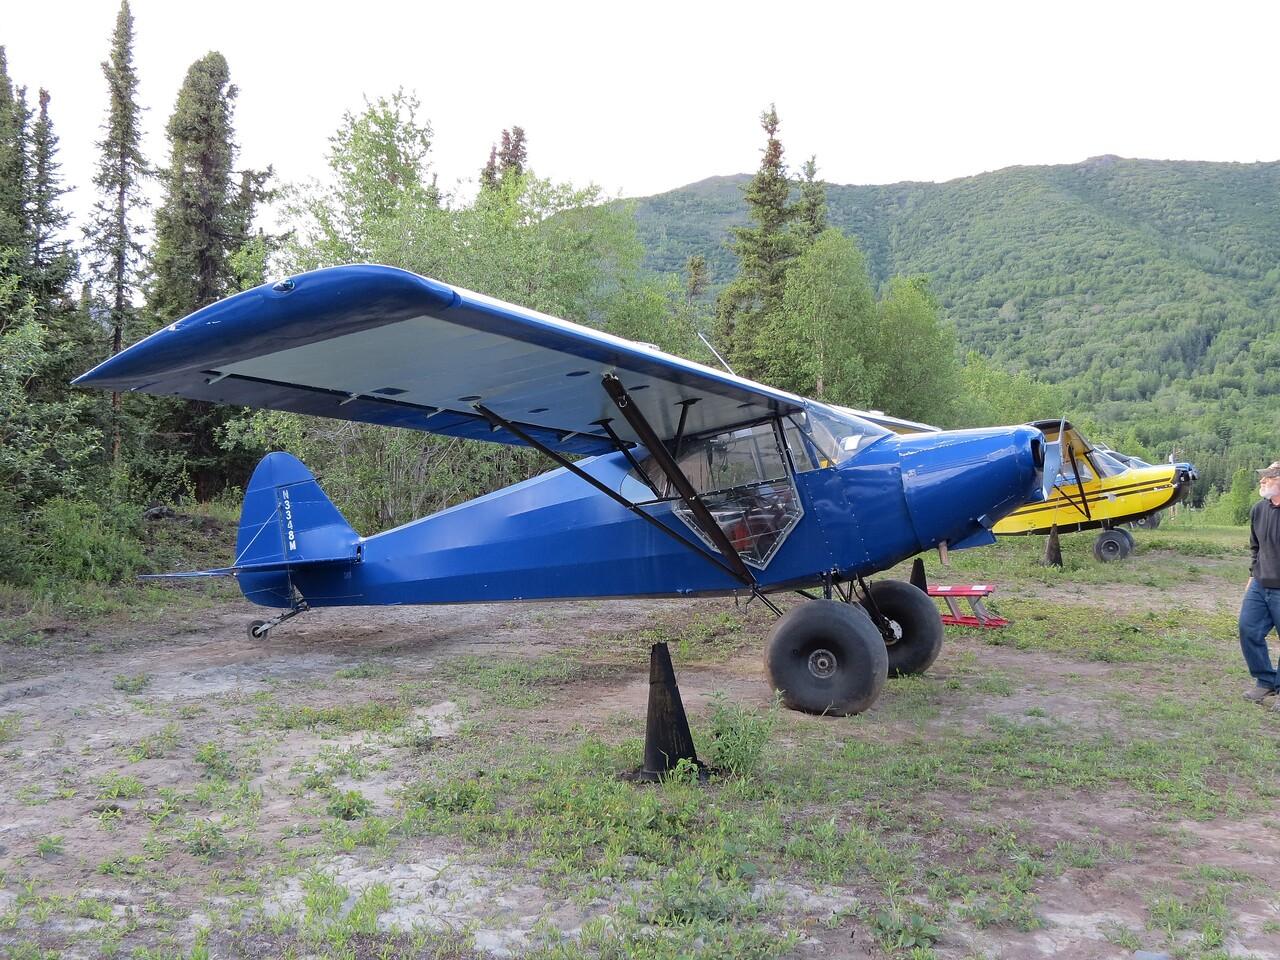 Brad's Plane